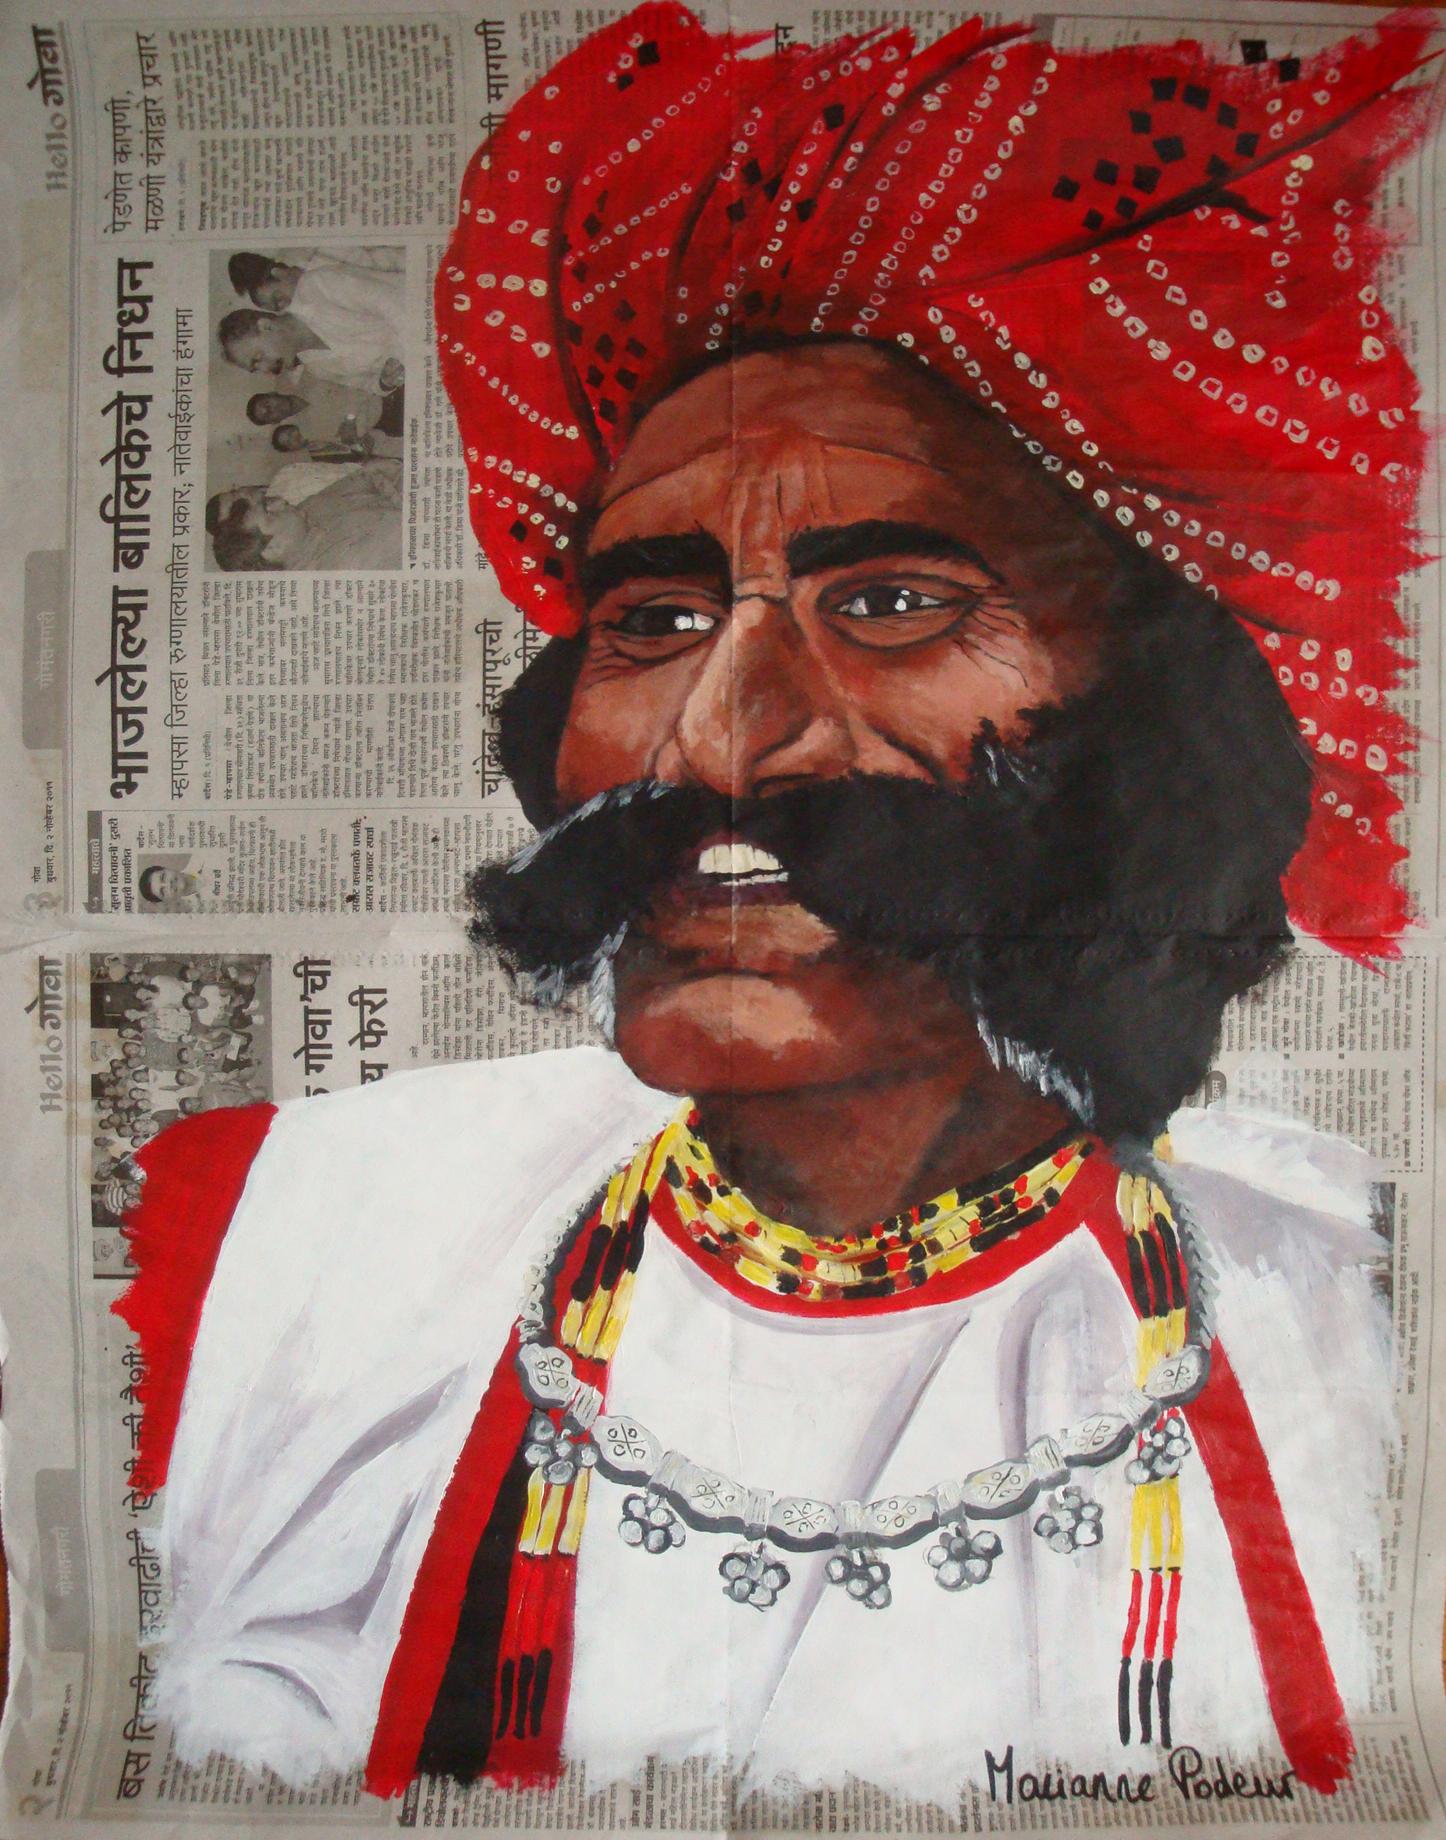 INDE - Le sourire de Jaipur